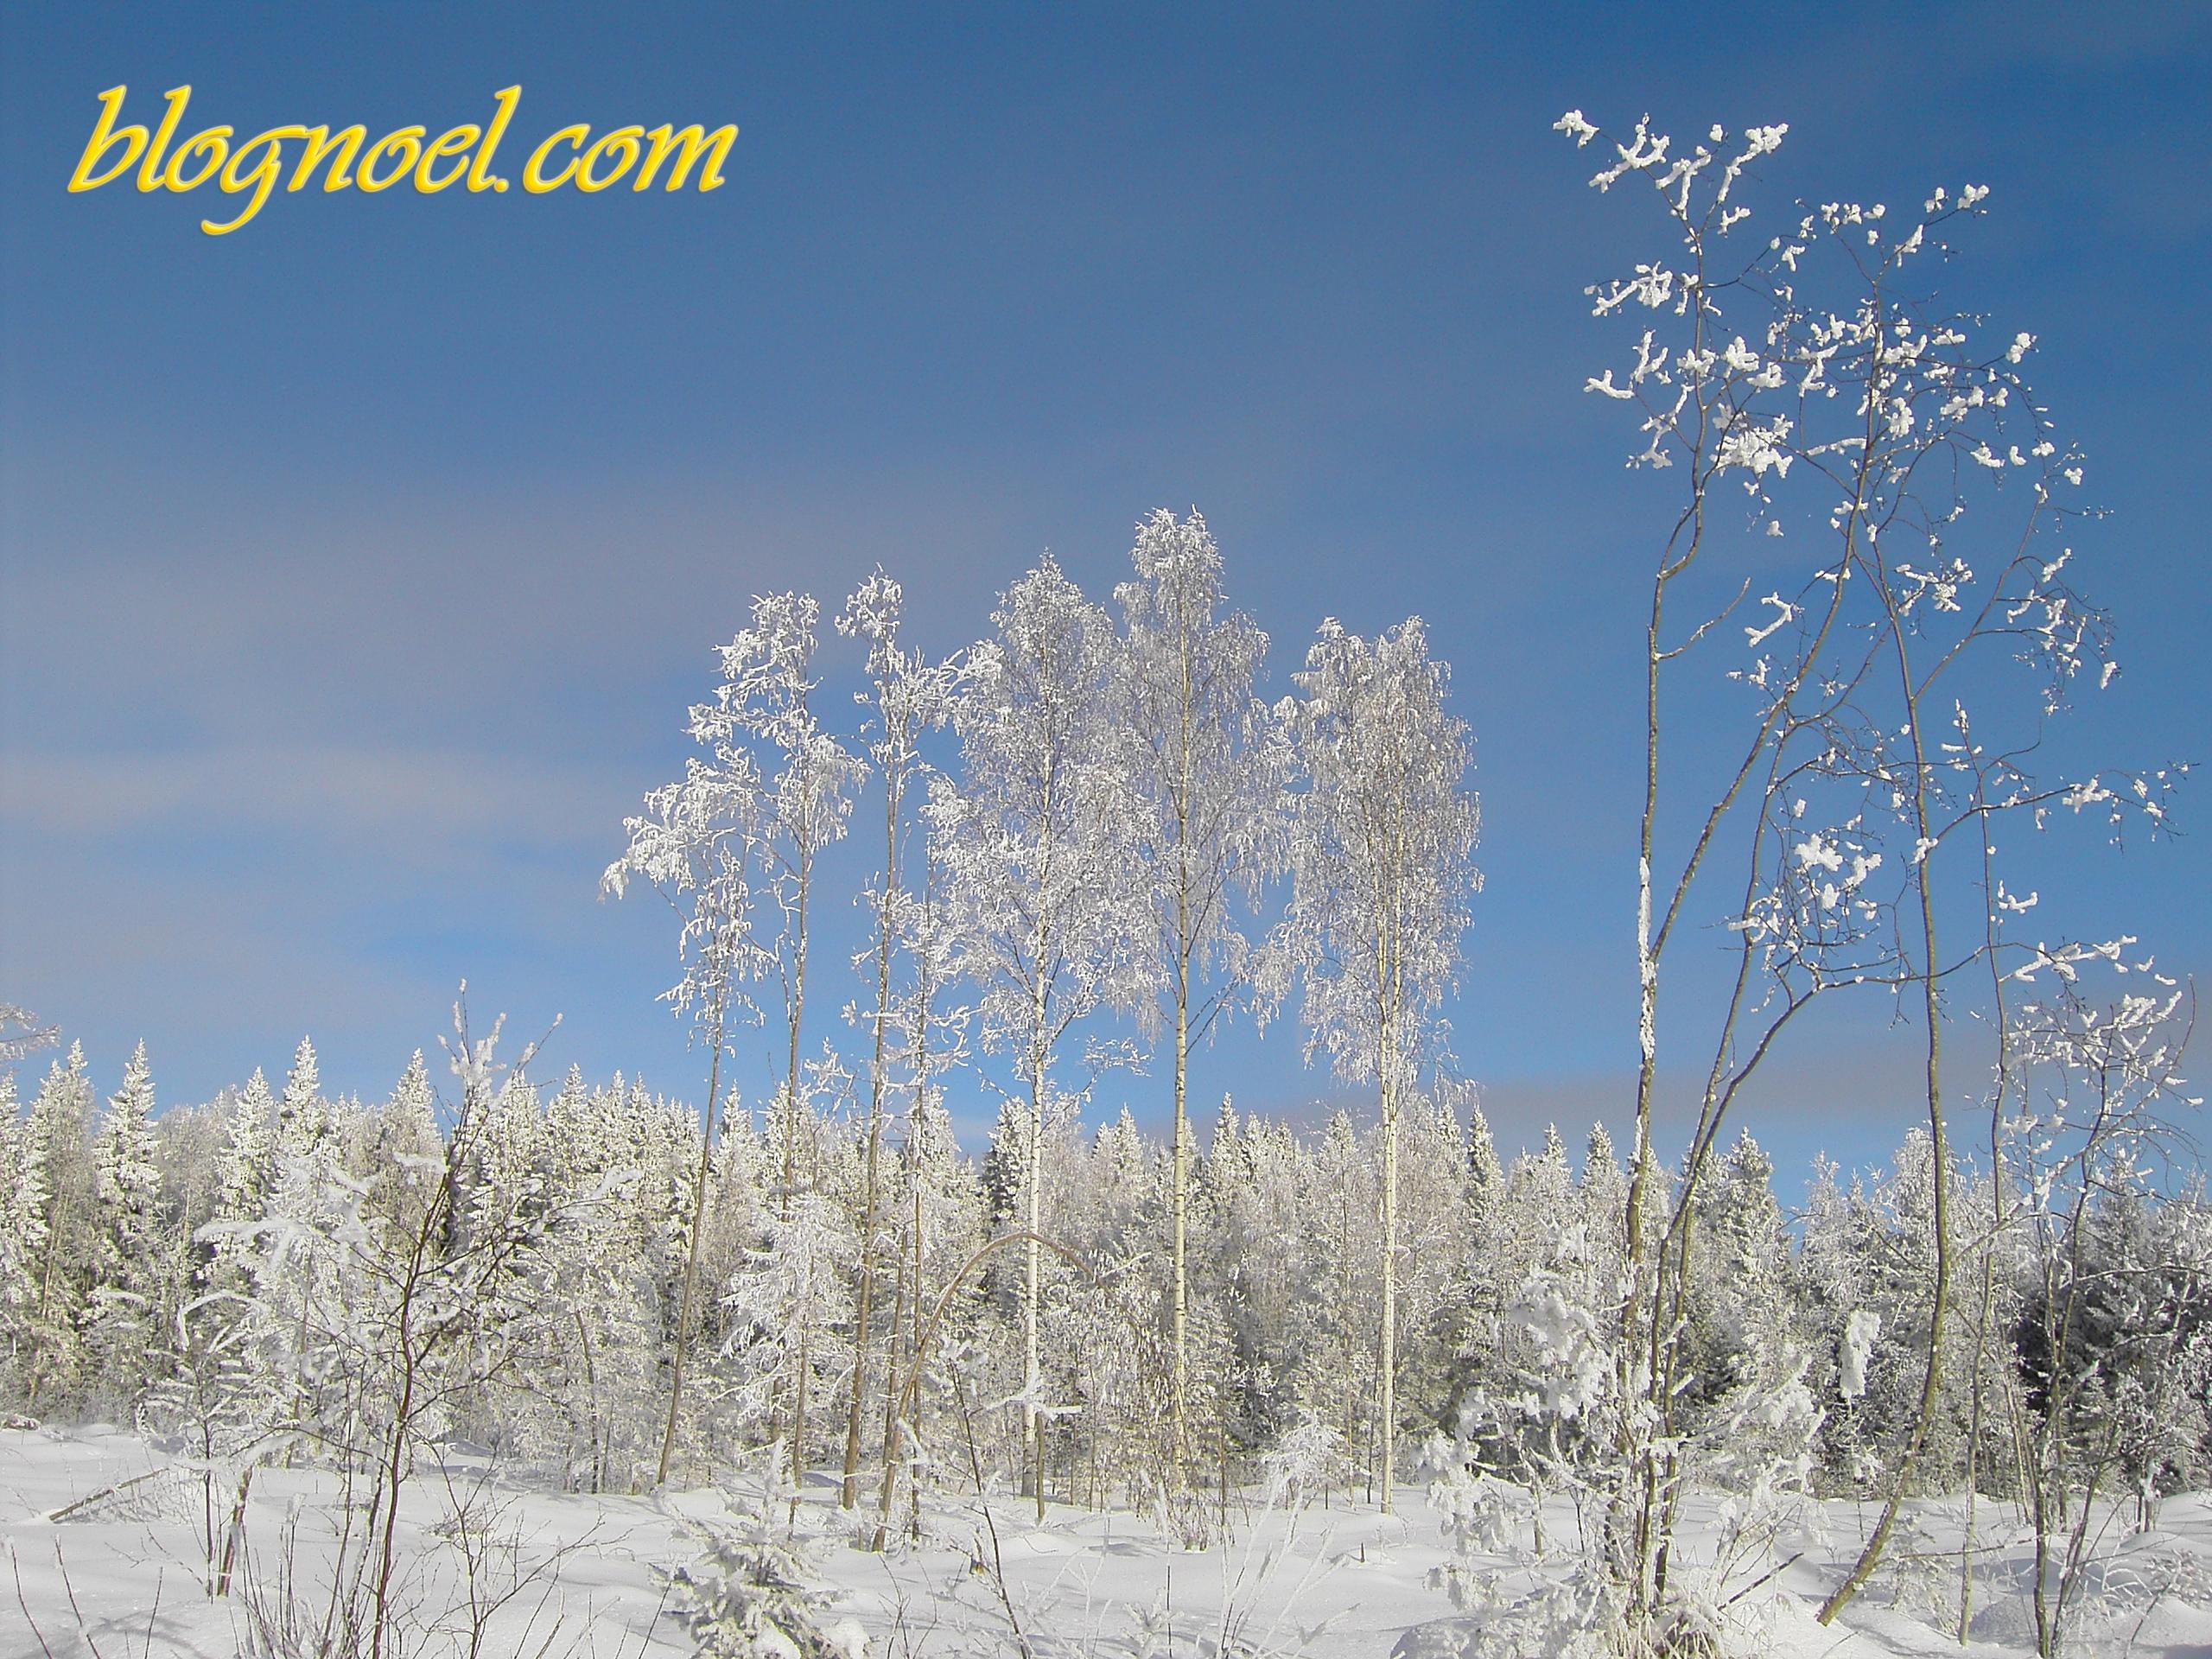 Forêt givrée - Résolution: 2560×1920 pixels